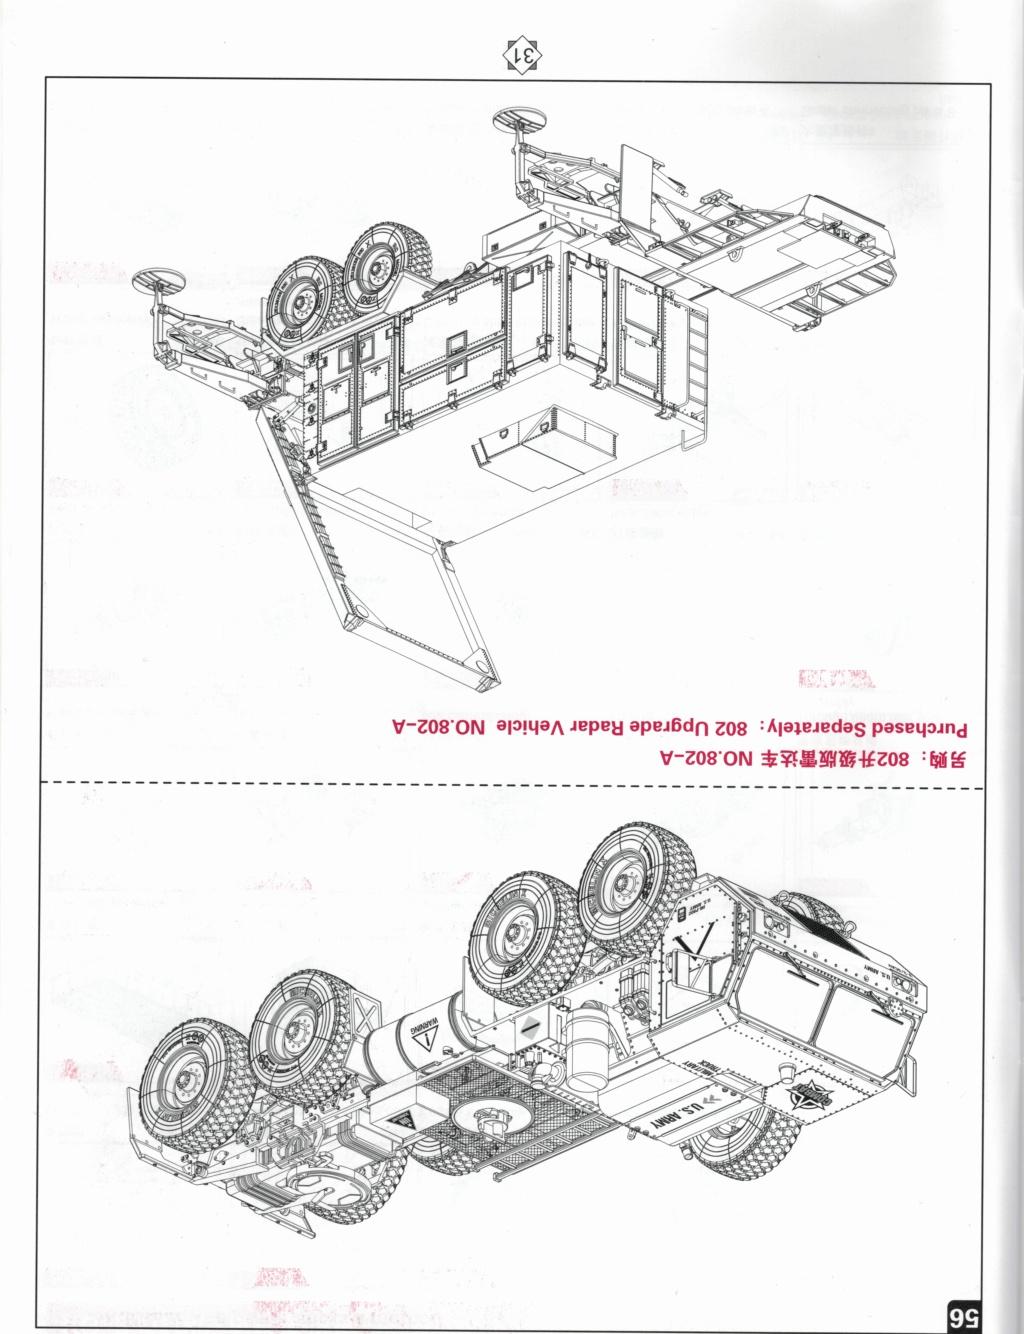 1/12 8x8 Transport Truck Cci20110